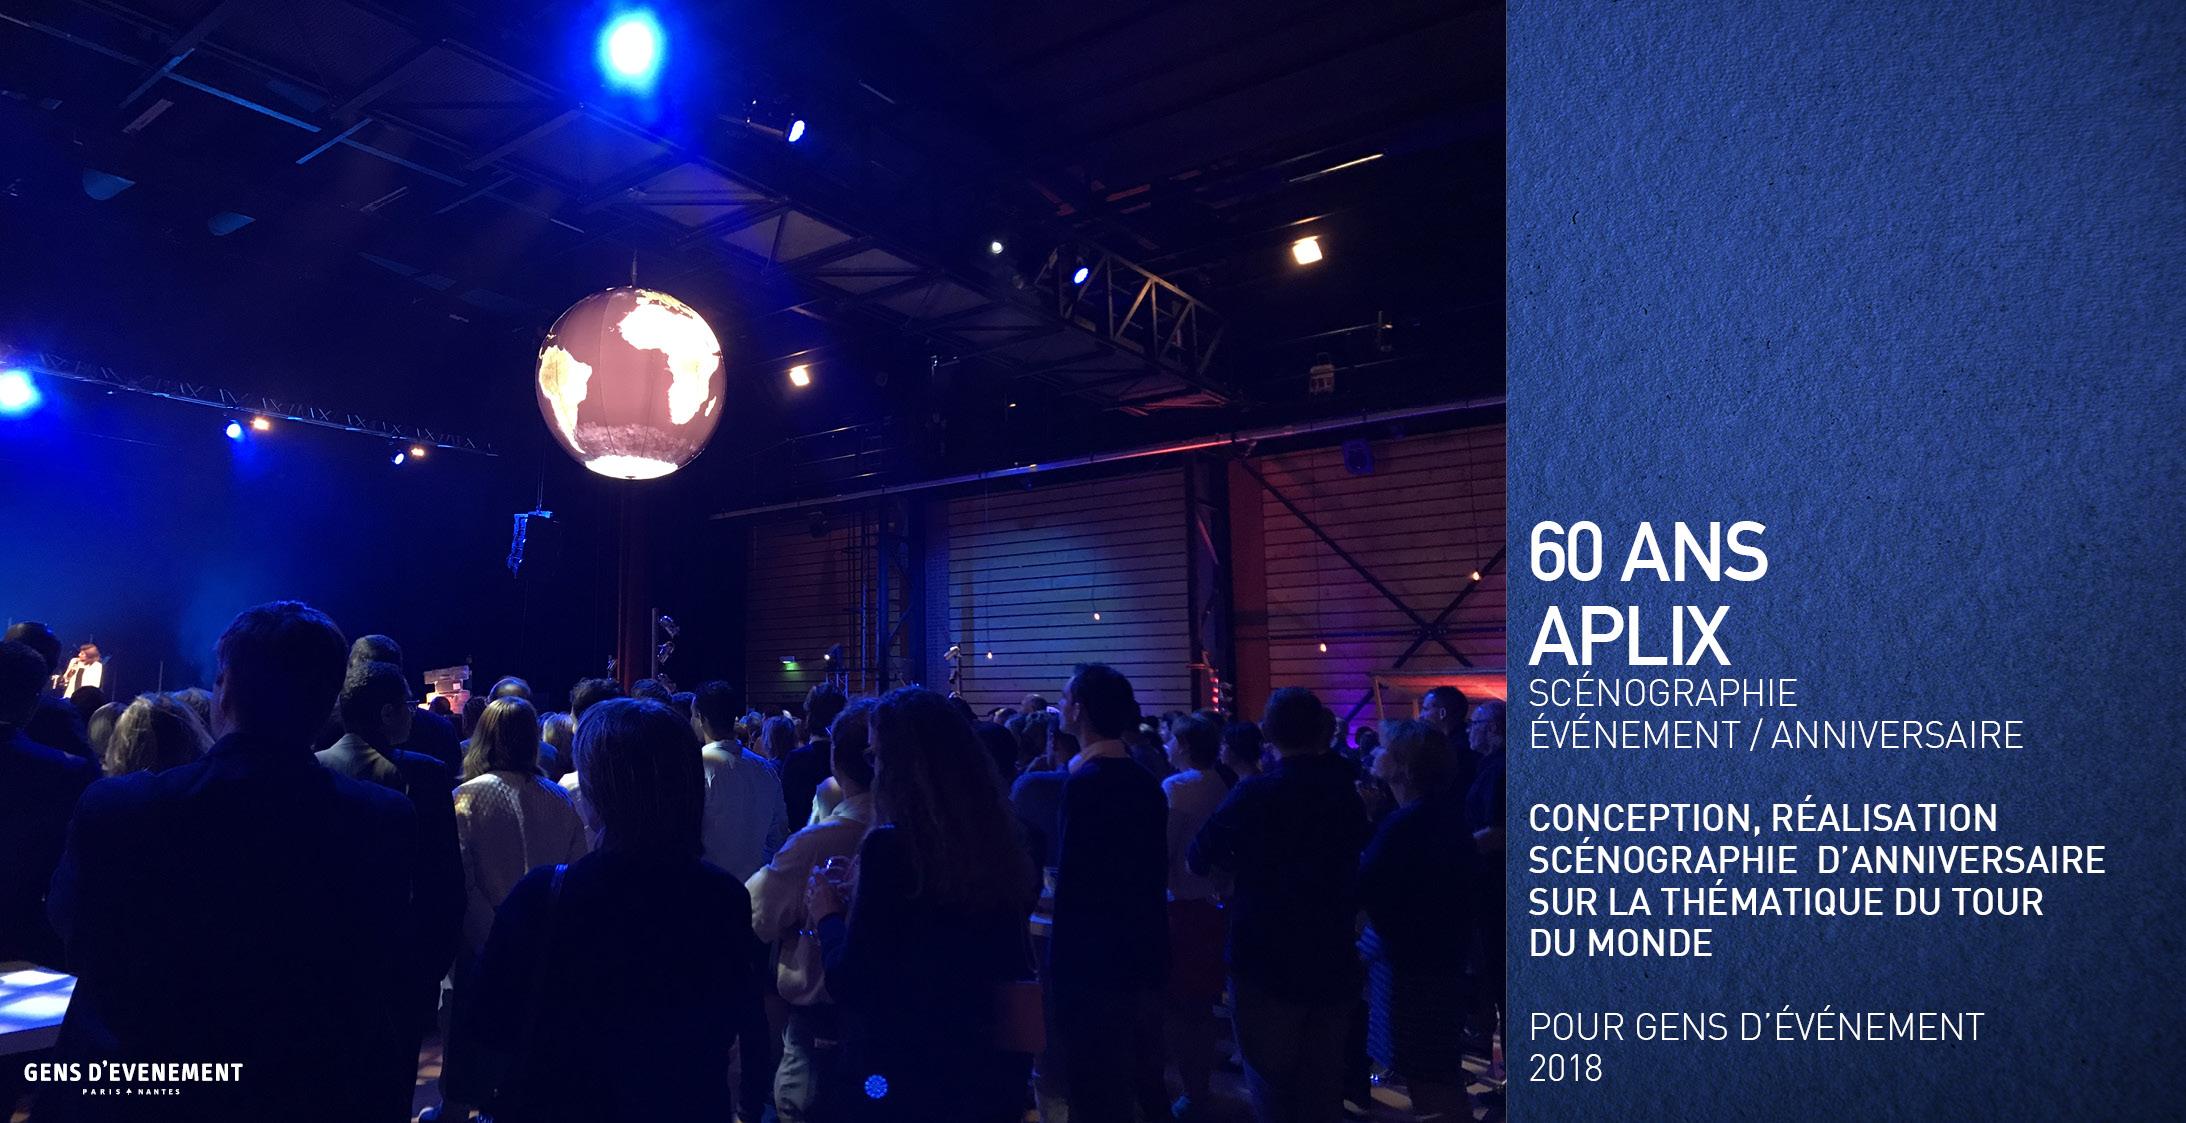 Aplix 60 ans